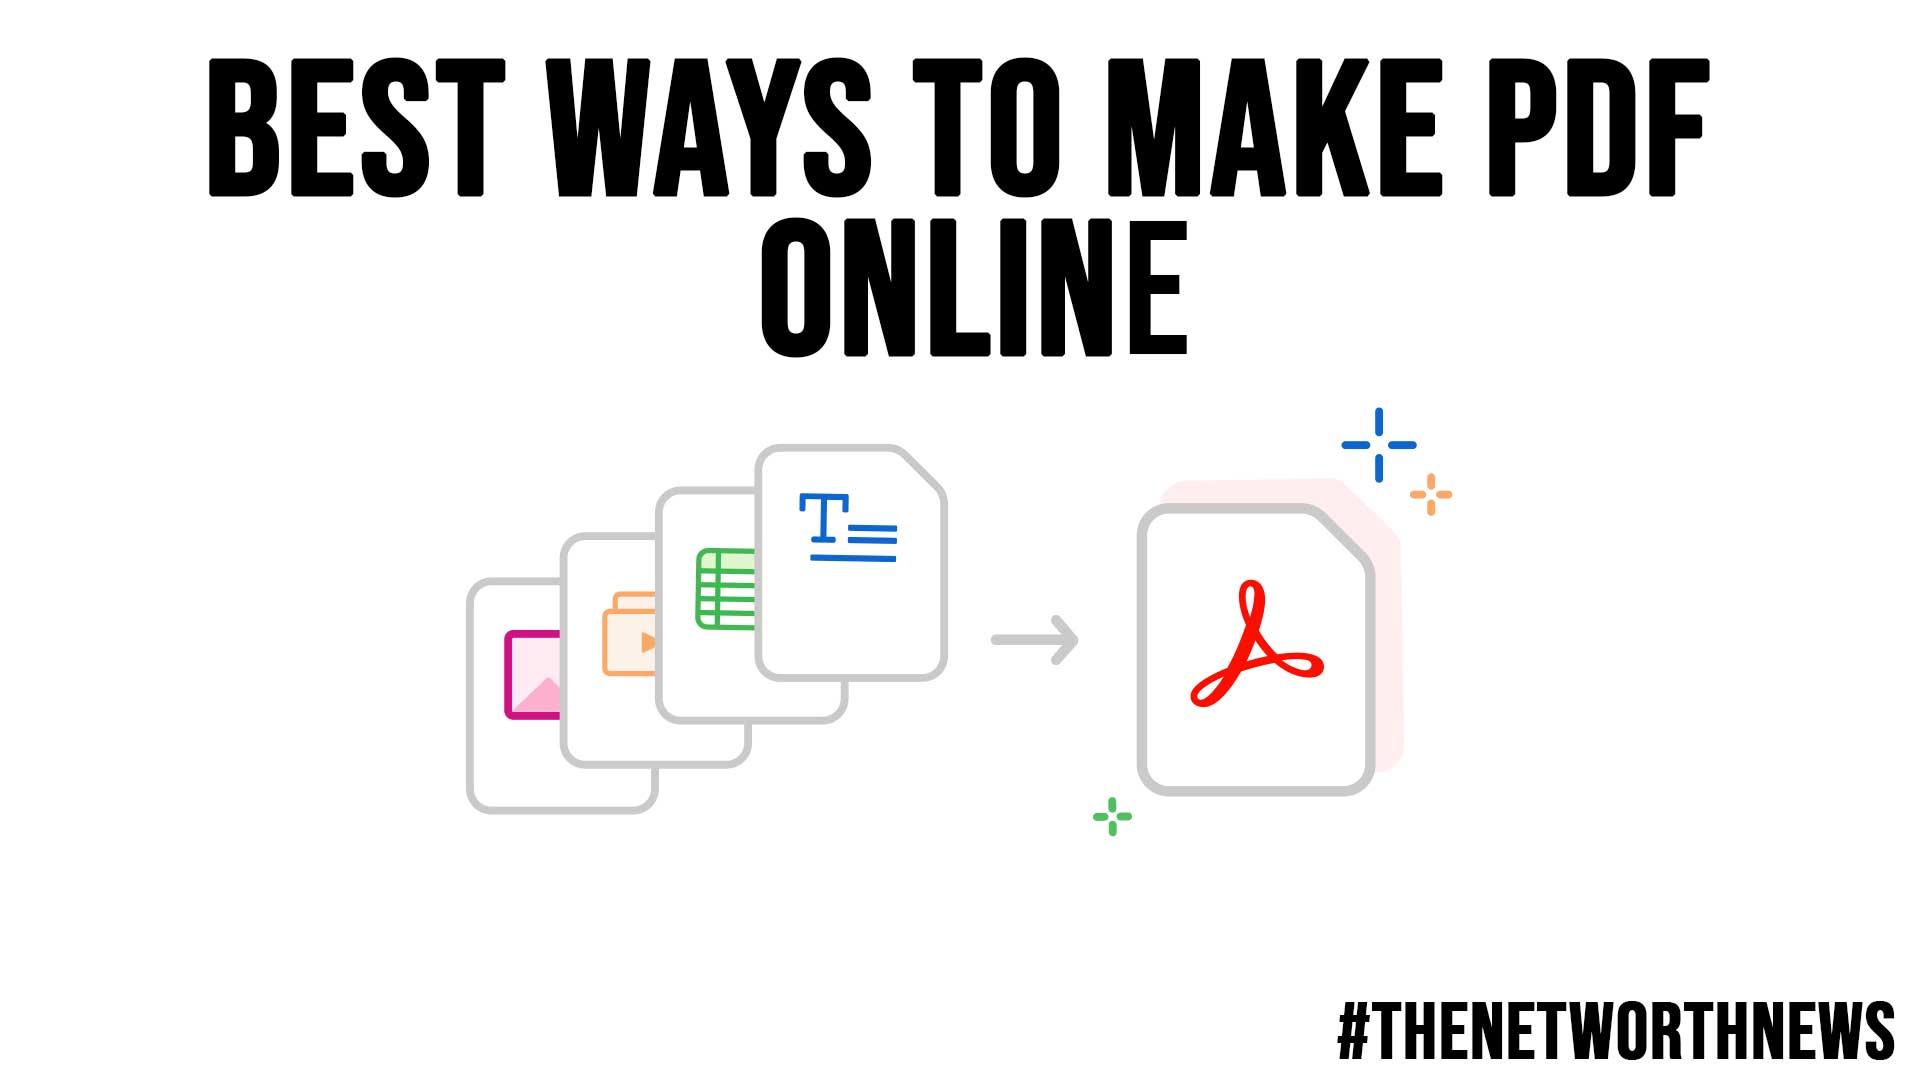 Best Ways to Make PDF Online